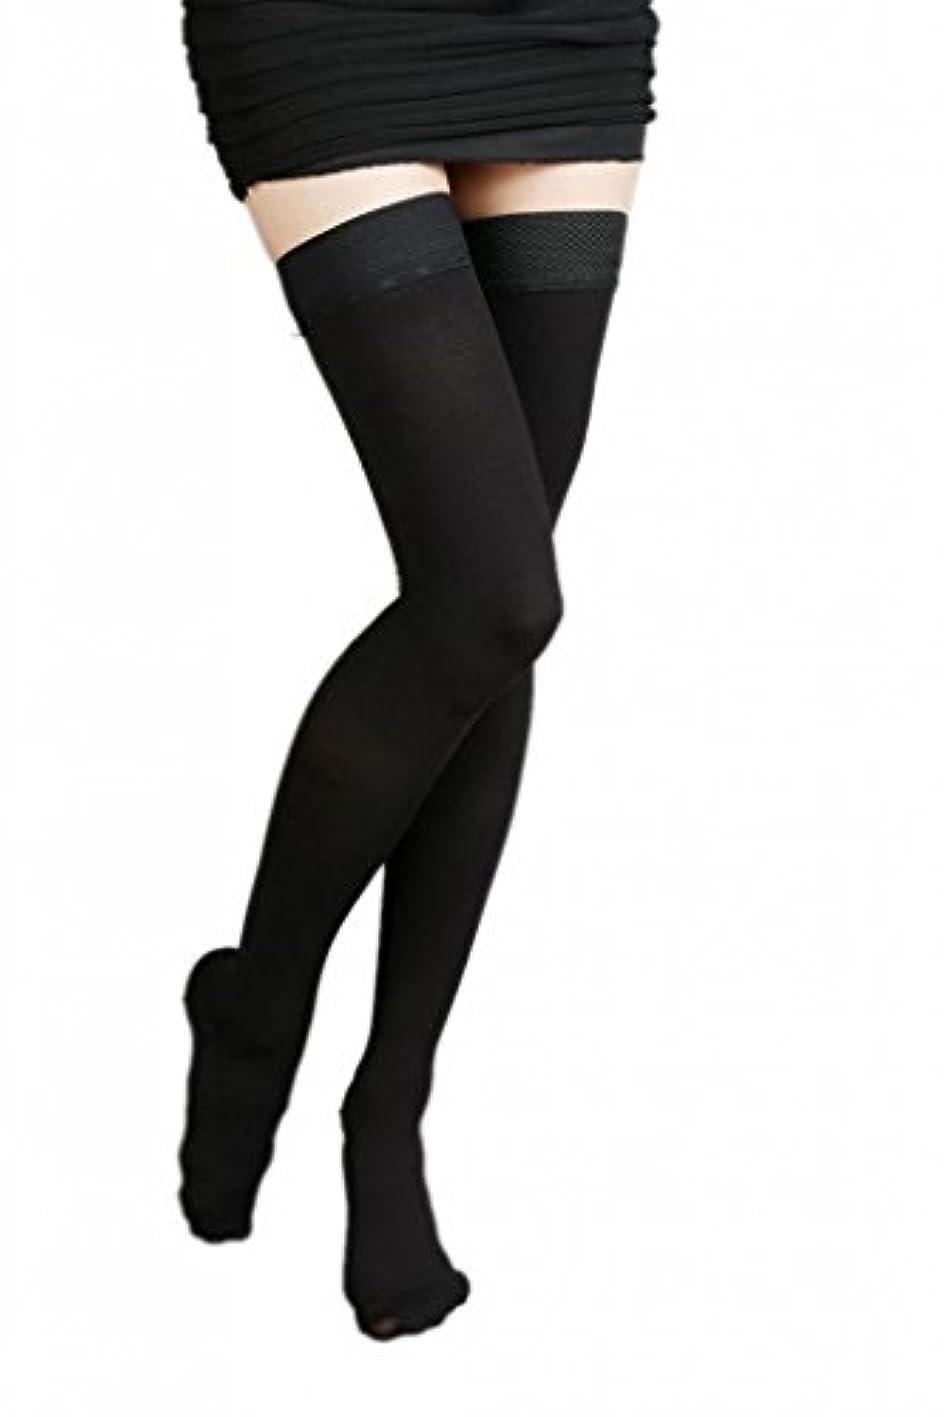 欠員リルアコー(ラボーグ)La Vogue 美脚 着圧オーバーニーソックス ハイソックス 靴下 弾性ストッキング つま先あり着圧ソックス XL 2級中圧 黒色